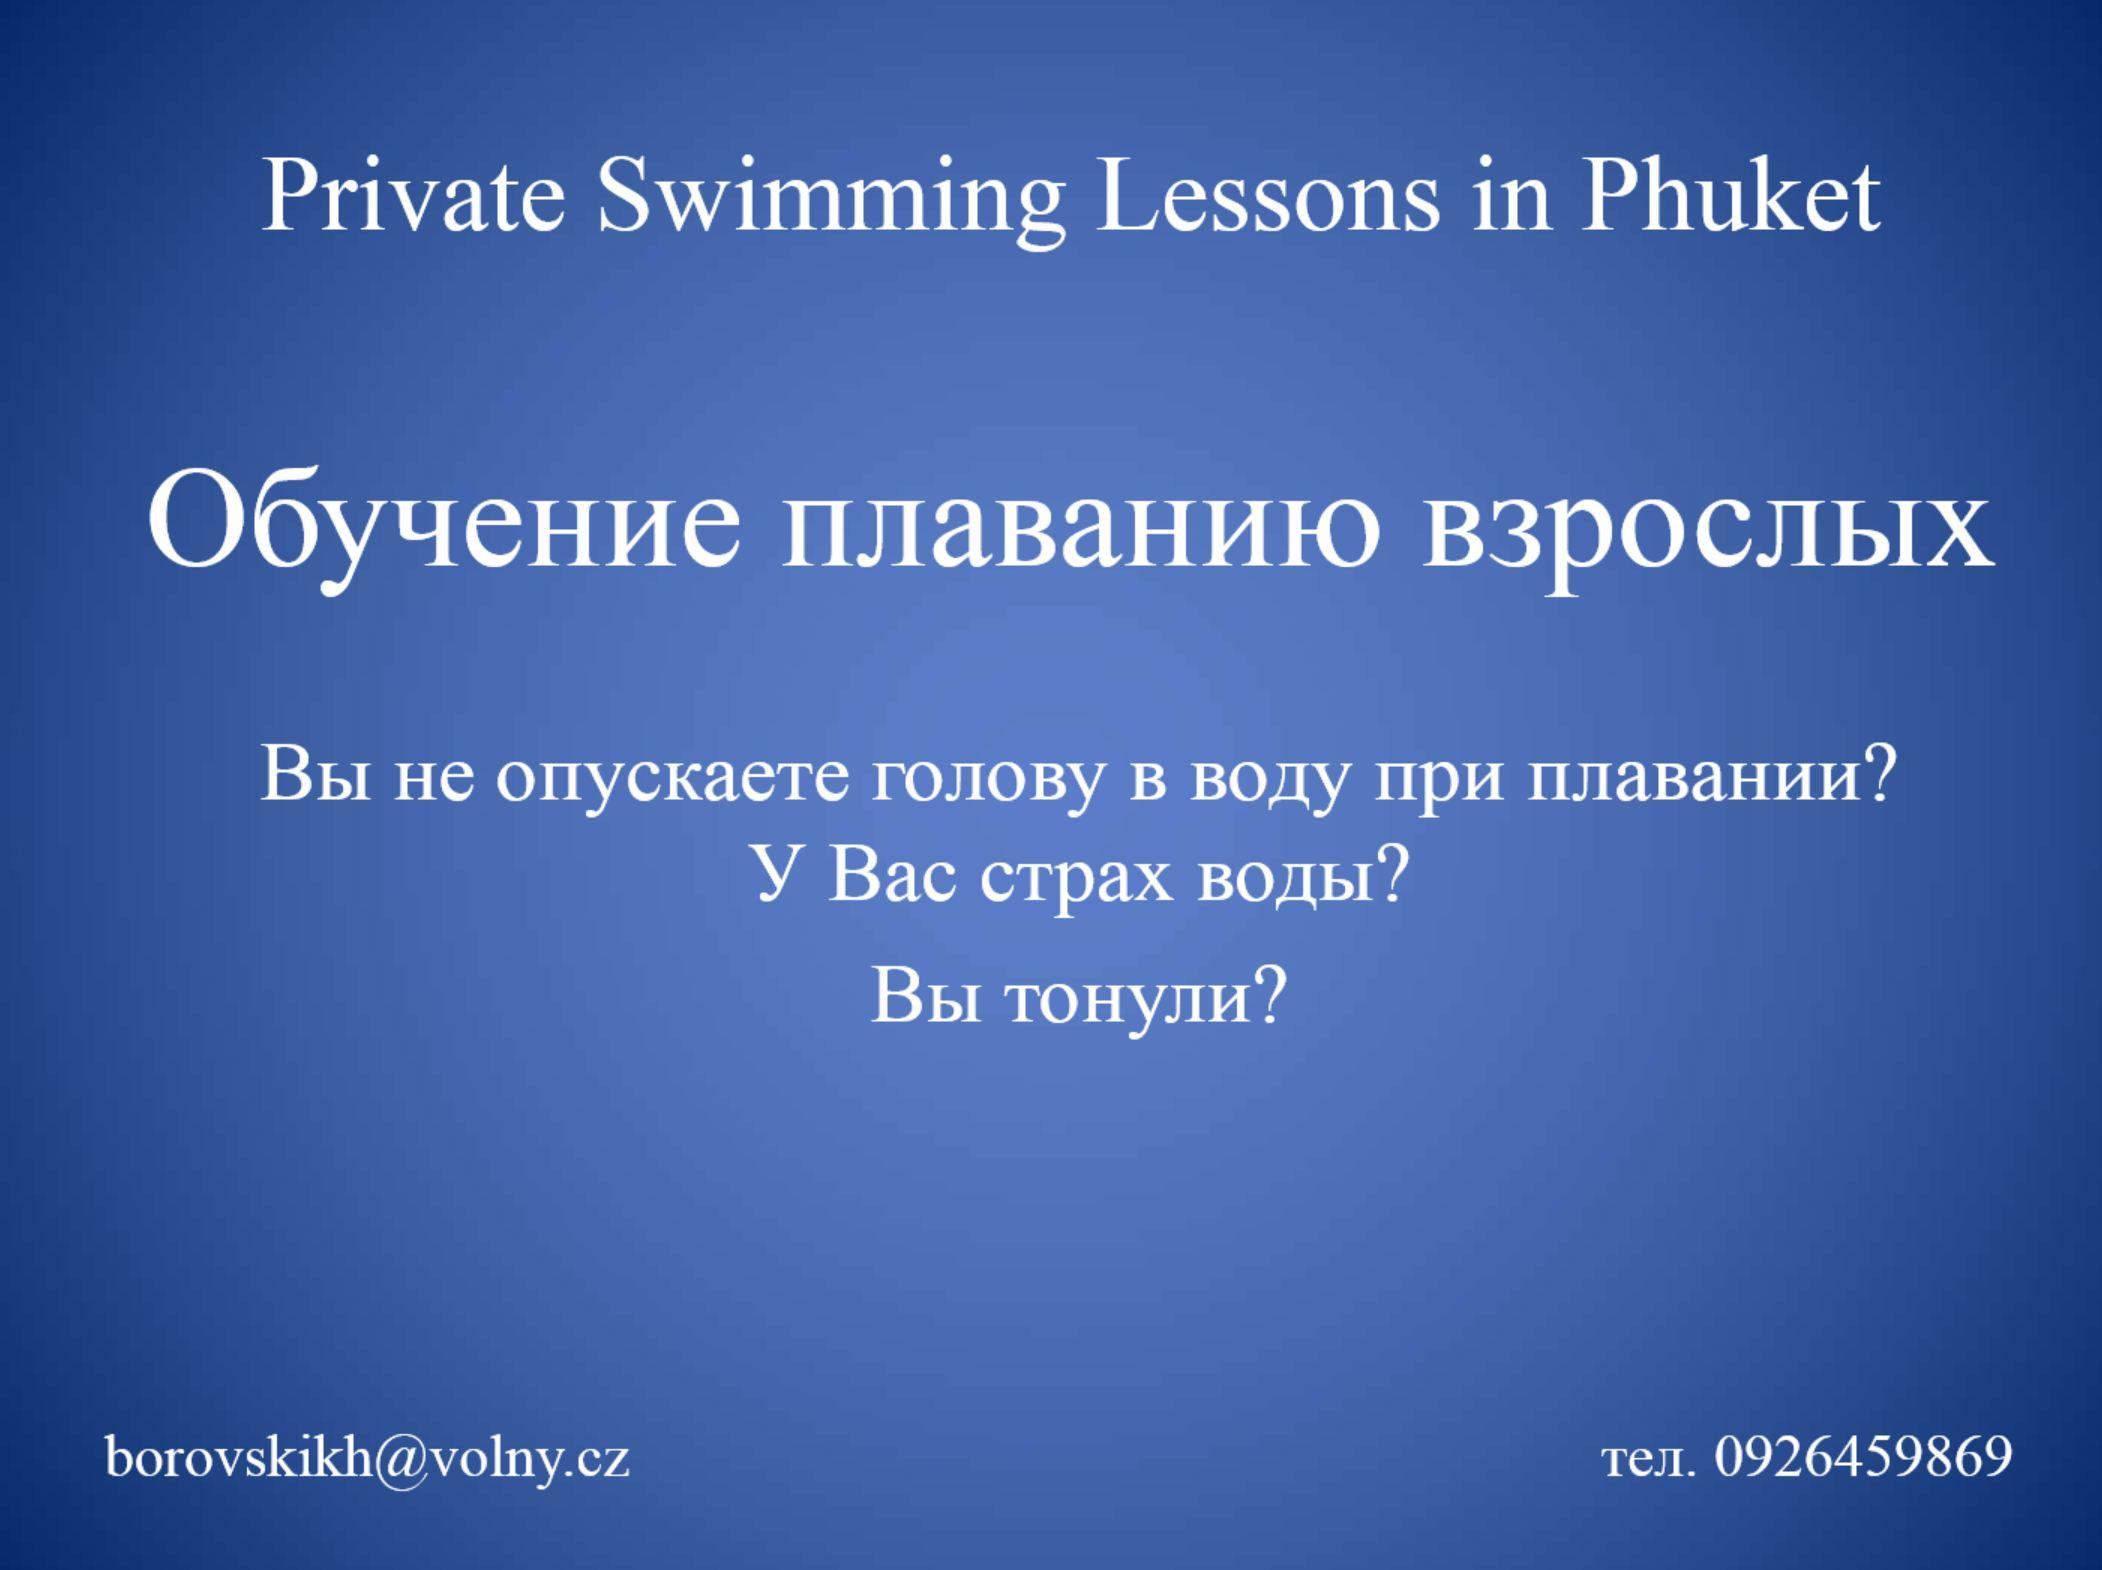 Обучение плаванию - поверьте это нужно !